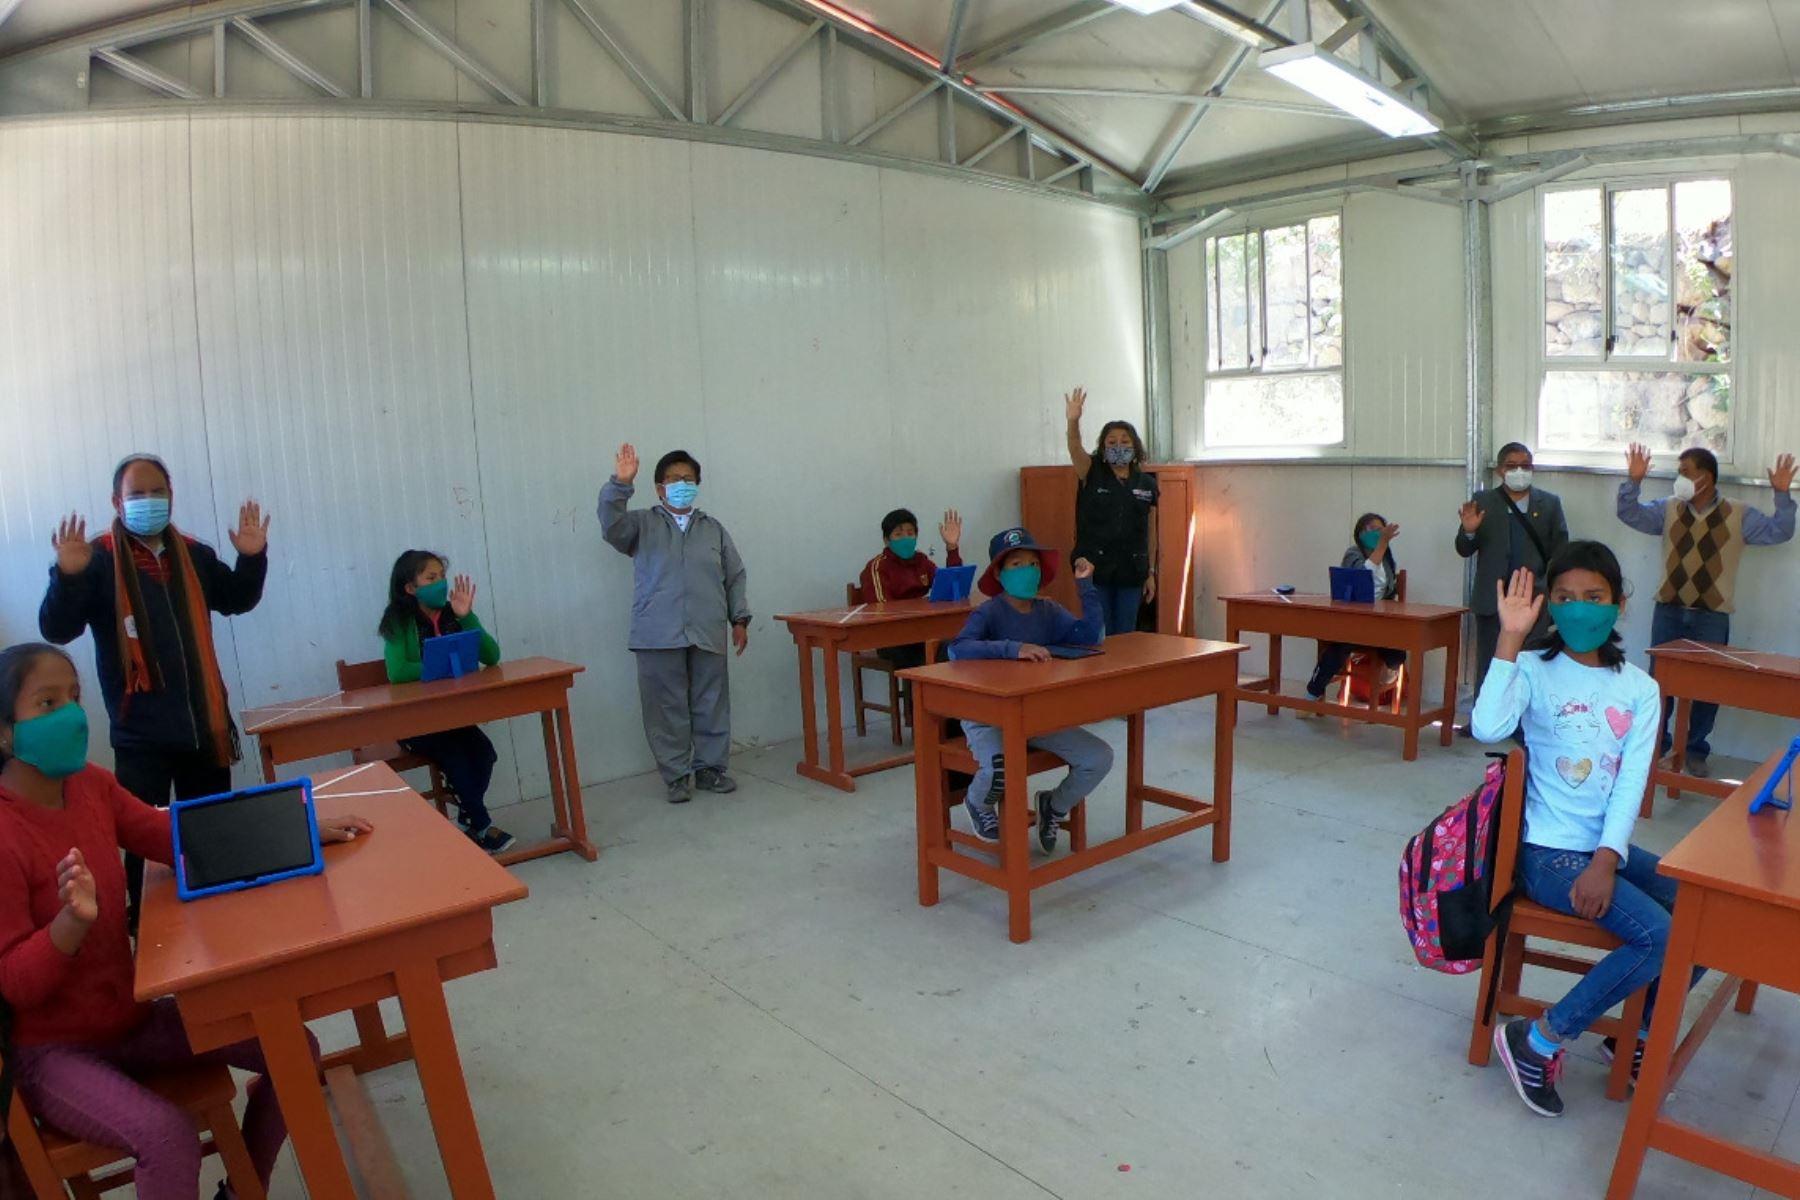 Las instituciones educativas que reanudaron hoy las clases semipresenciales pertenecen a las UGEL de Castilla, La Unión, Caravelí e Islay. Foto: ANDINA/Minedu